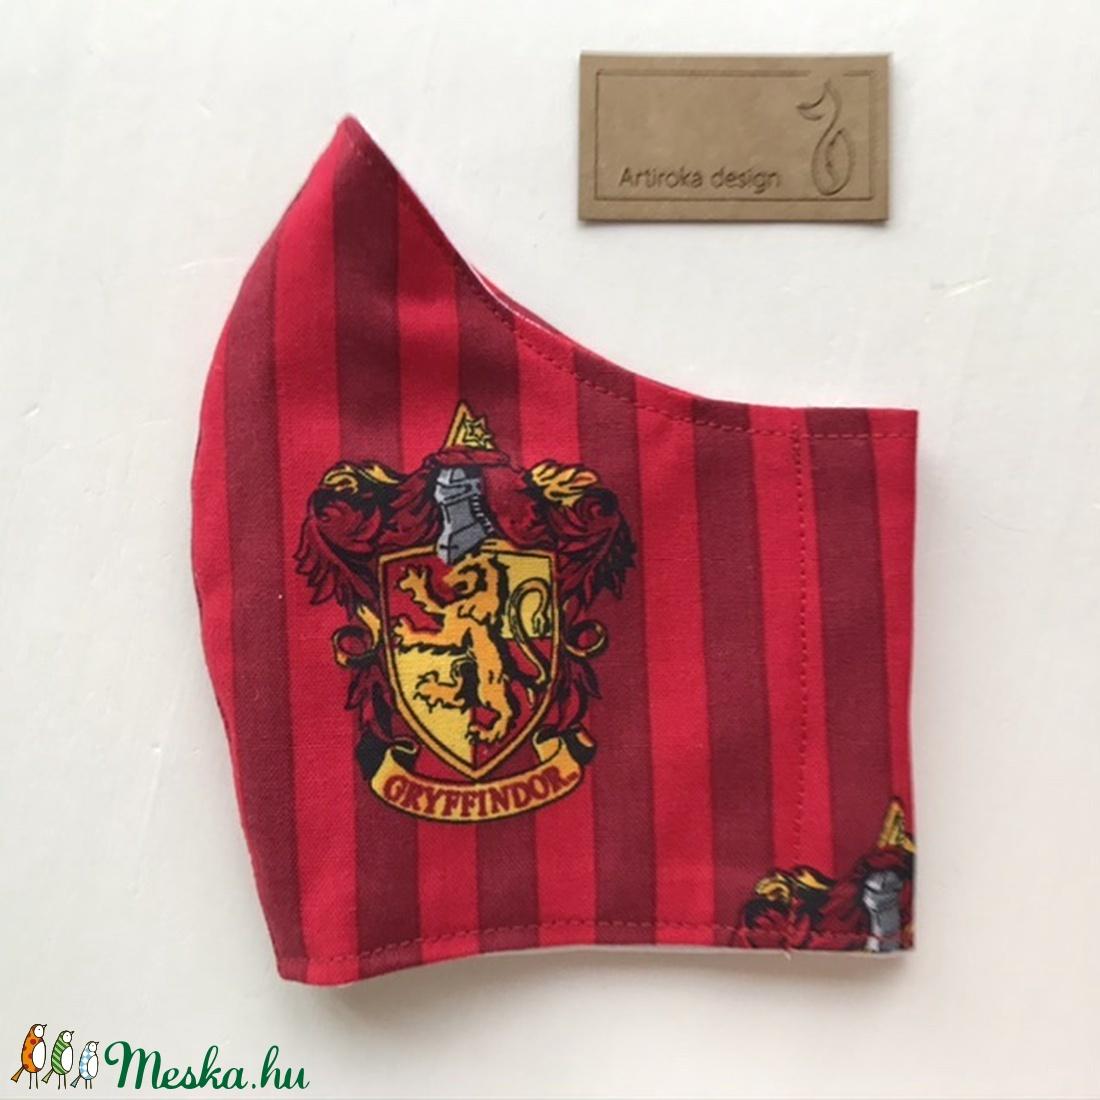 Harry Potter mintás arcmaszk, szájmaszk, maszk - Artiroka design - ruha & divat - Meska.hu